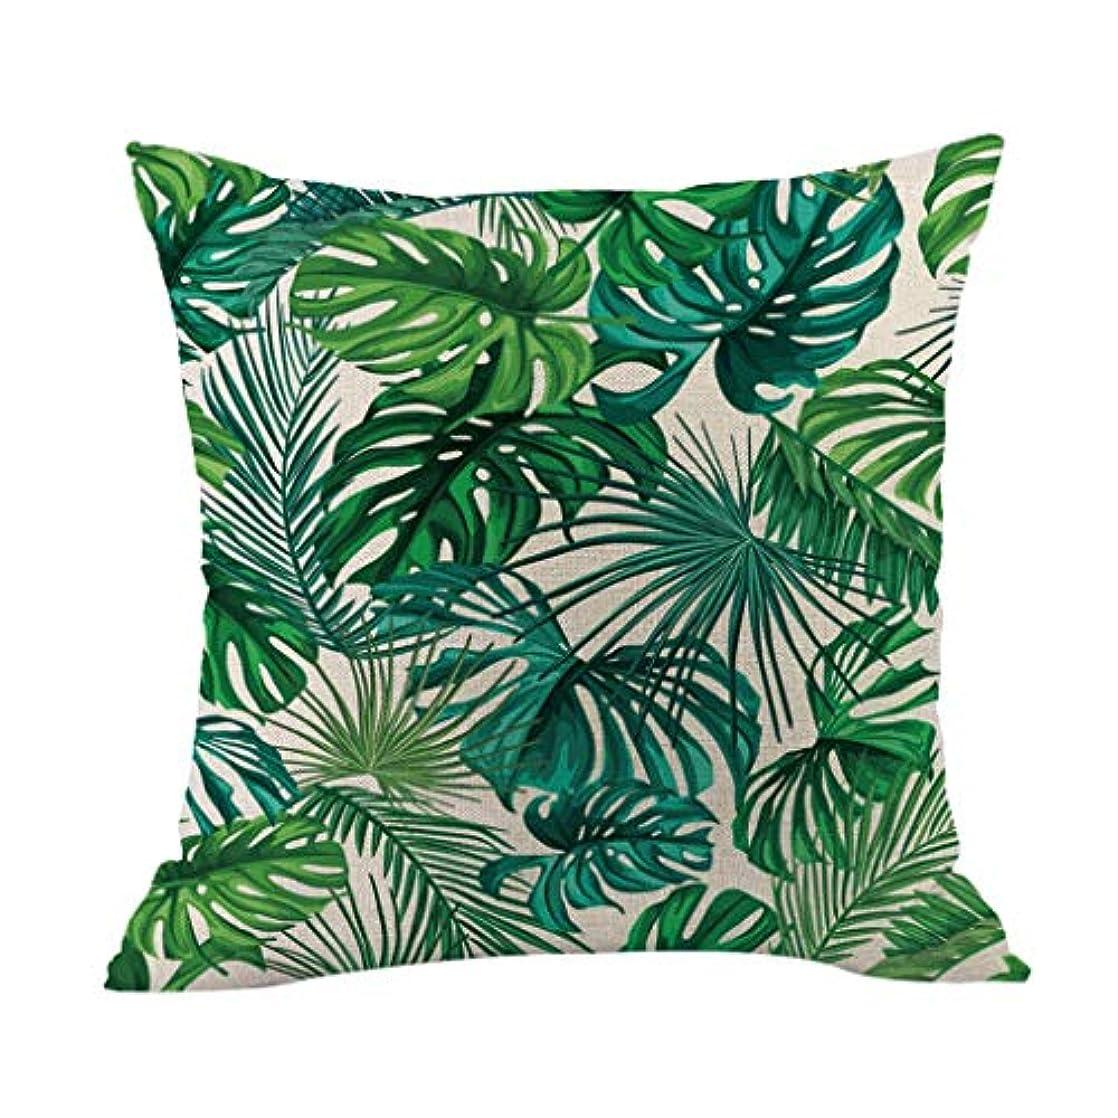 必要条件追放するラリーベルモントLIFE 高品質クッション熱帯植物ポリエステル枕ソファ投げるパッドセットホーム人格クッション coussin decoratif クッション 椅子